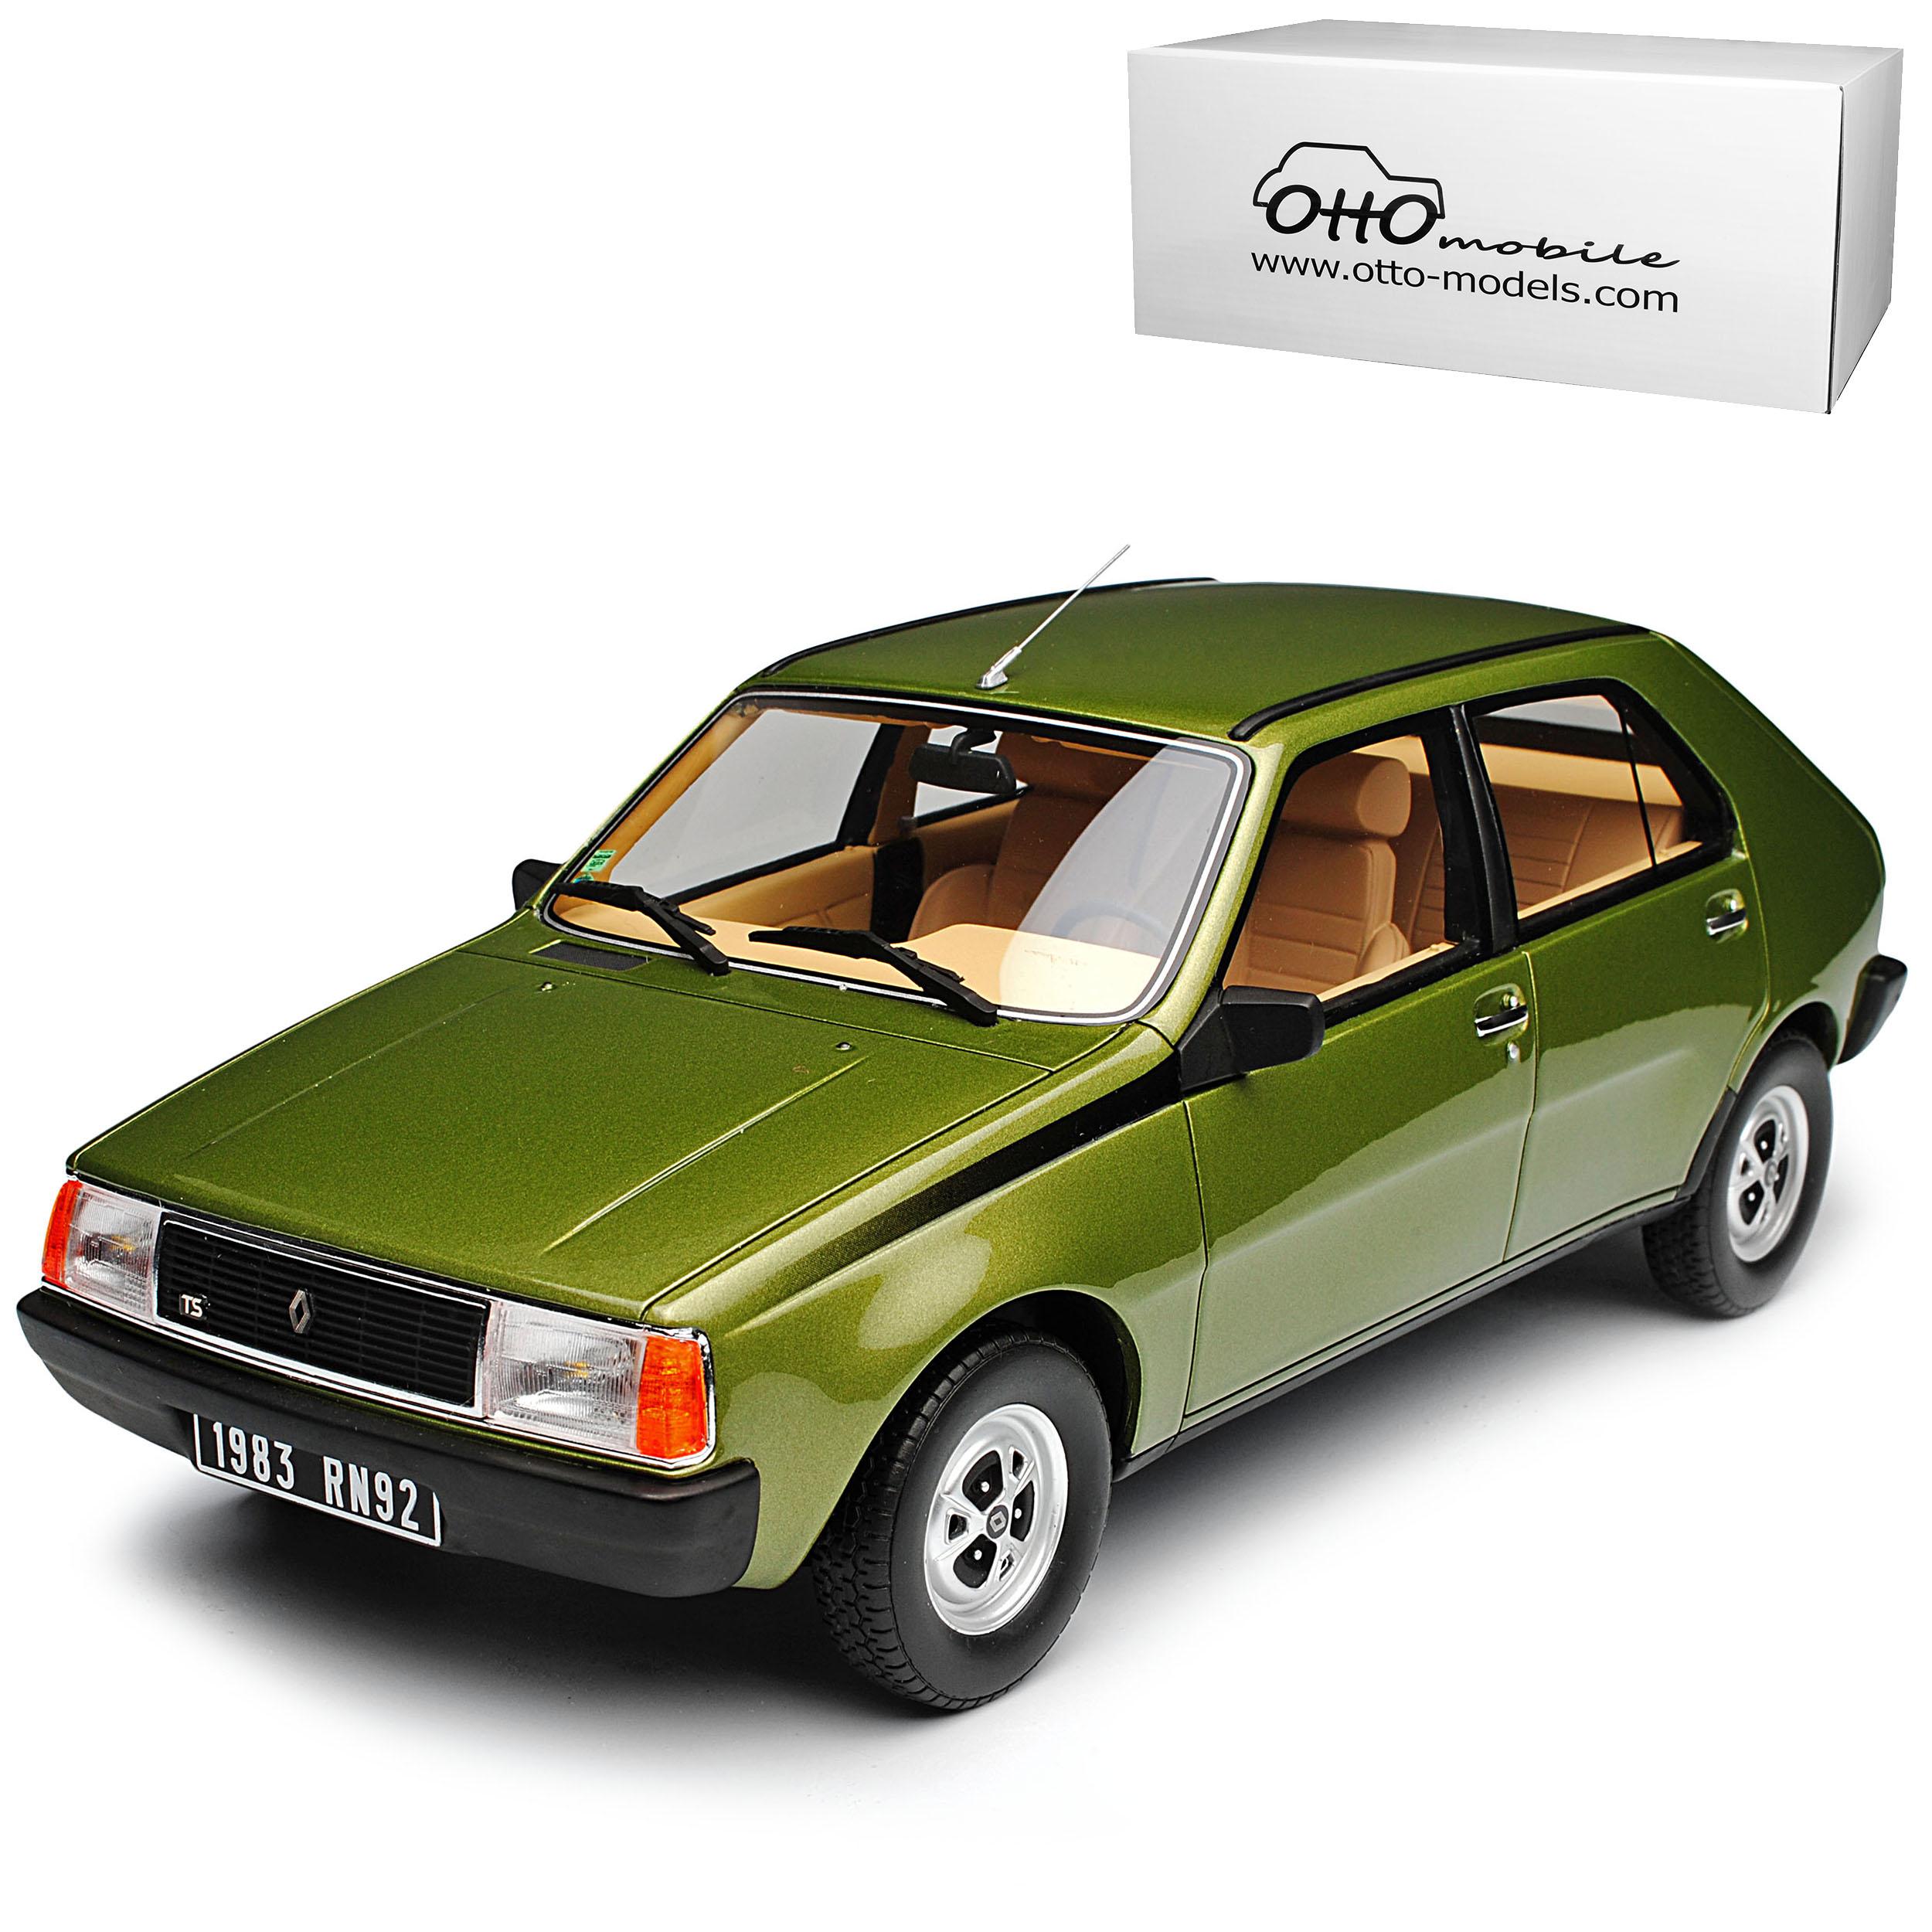 RENAULT r14 TS VERDE 1976-1982 1976-1982 1976-1982 nr 712 1/18 otto modello auto con o senza indiv  a0bf3f